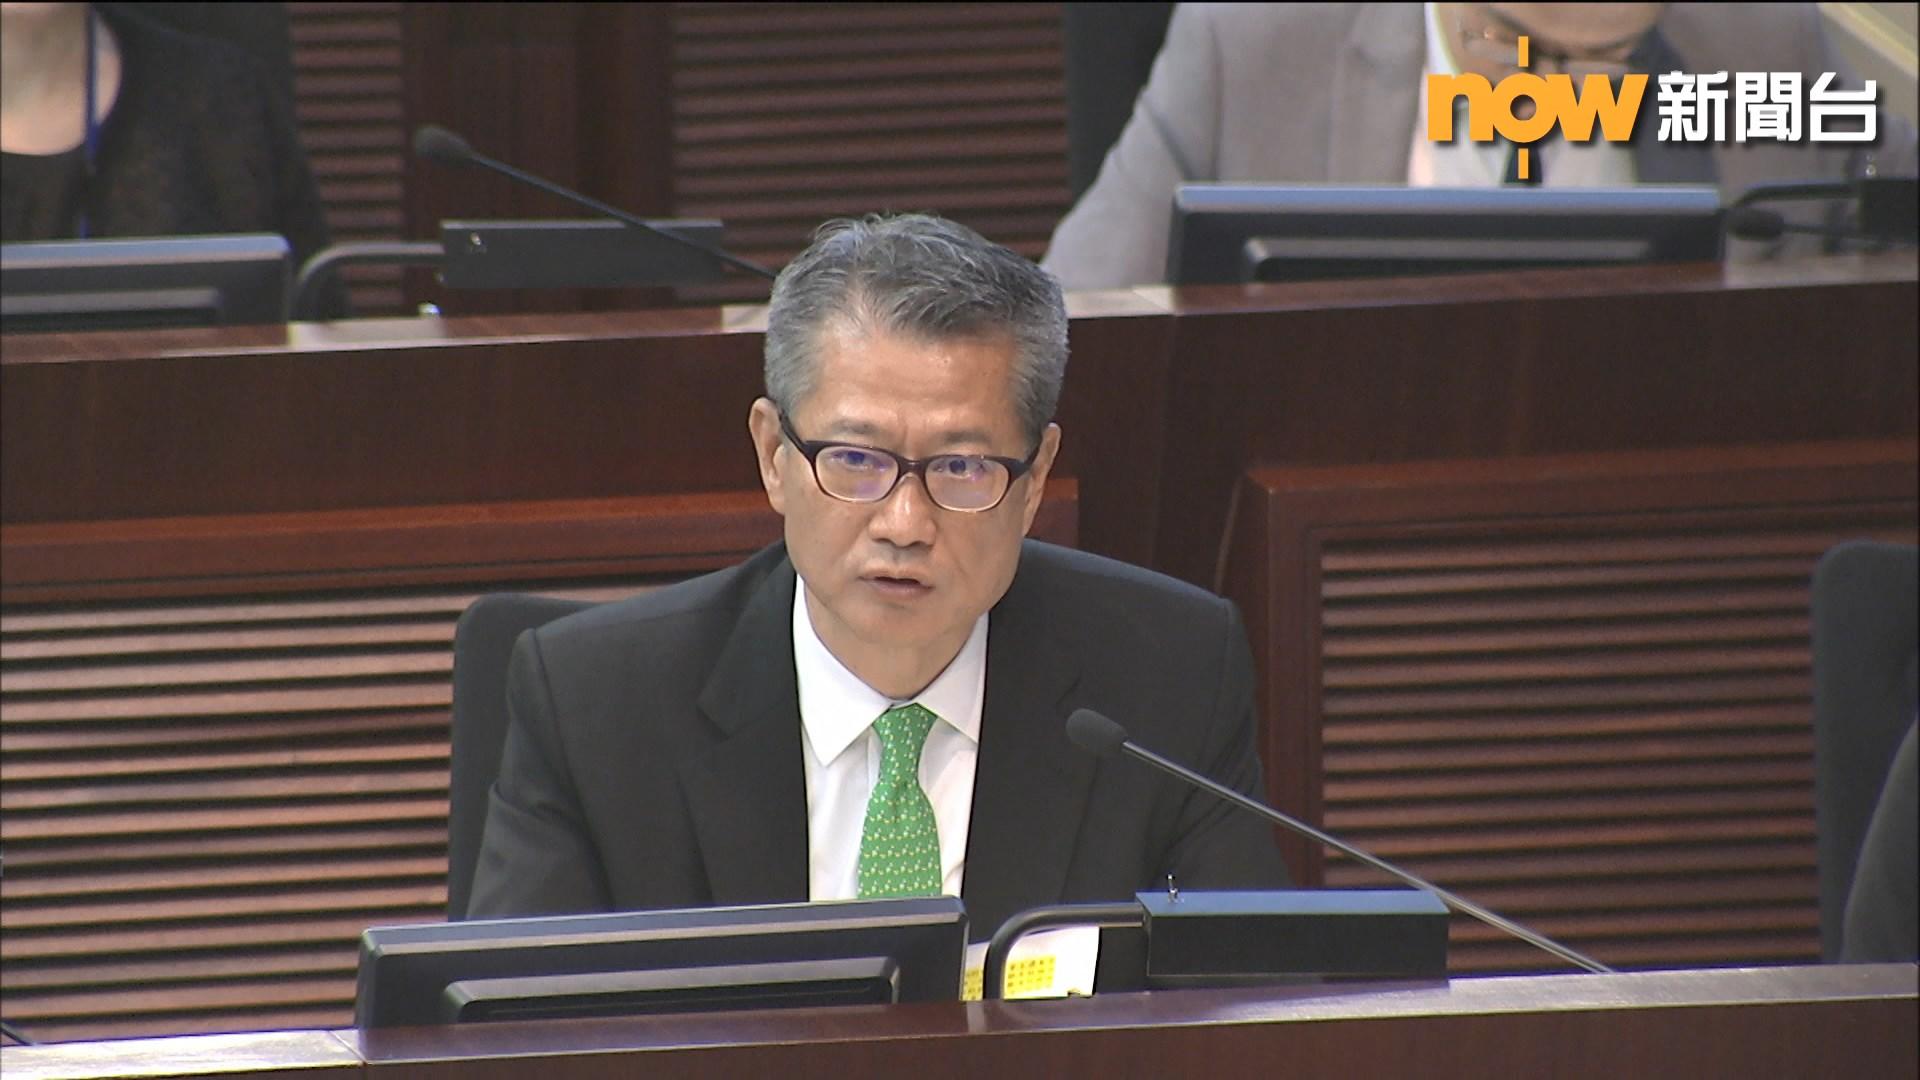 陳茂波:購買非住宅物業選址由勞福局負責